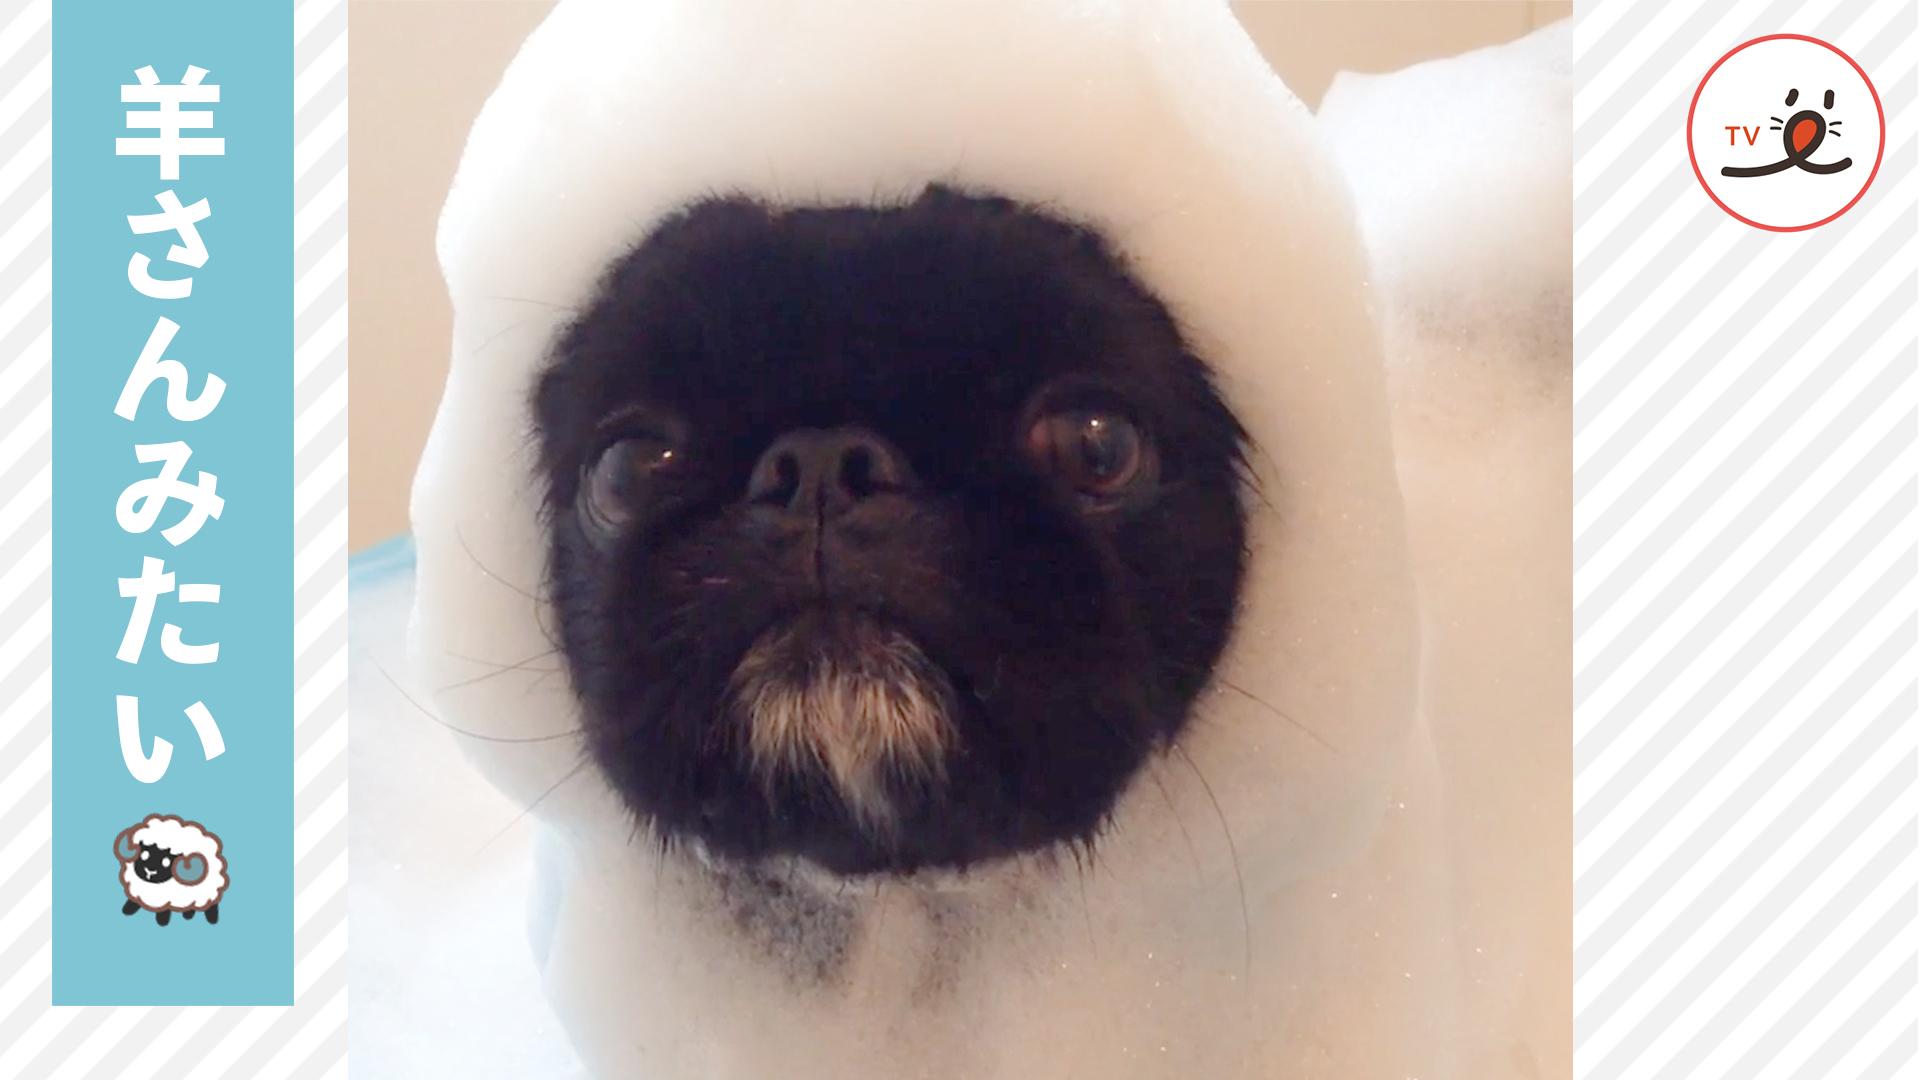 シャワータイムで泡まみれになったワンコ🐶 その姿はまるで…💕